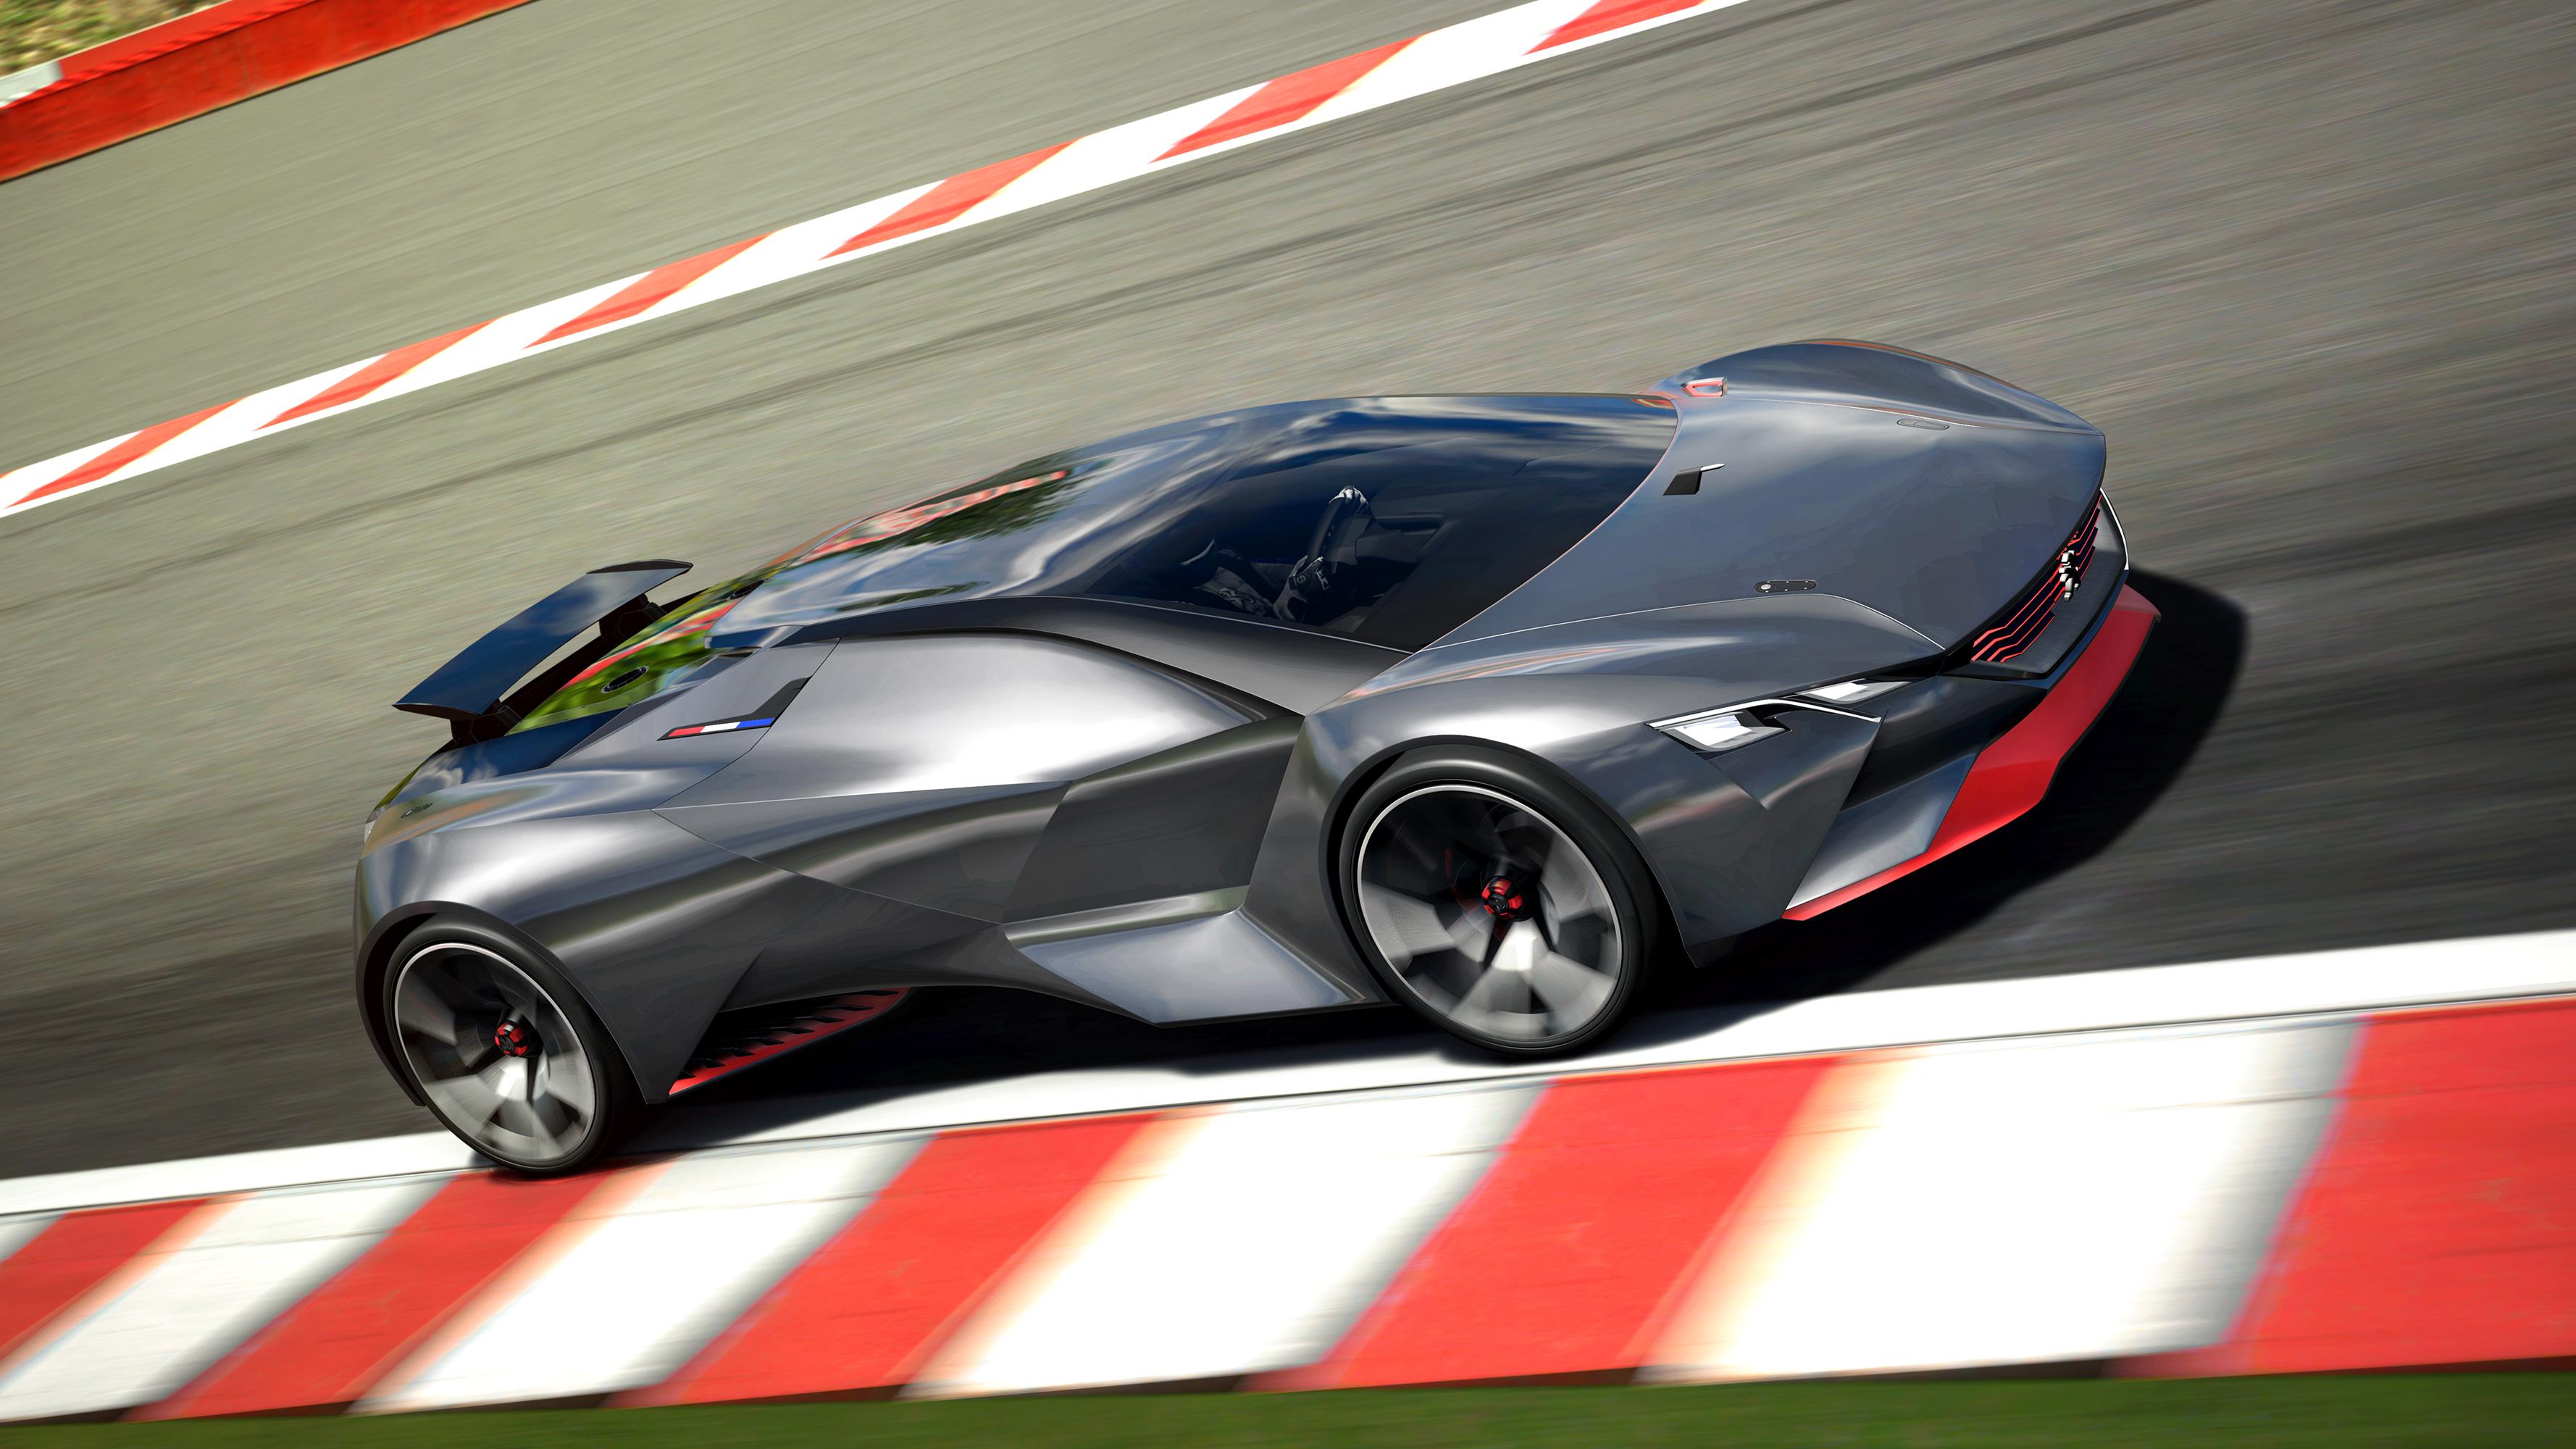 спортивный автомобиль peugeot concept sports car  № 958951  скачать